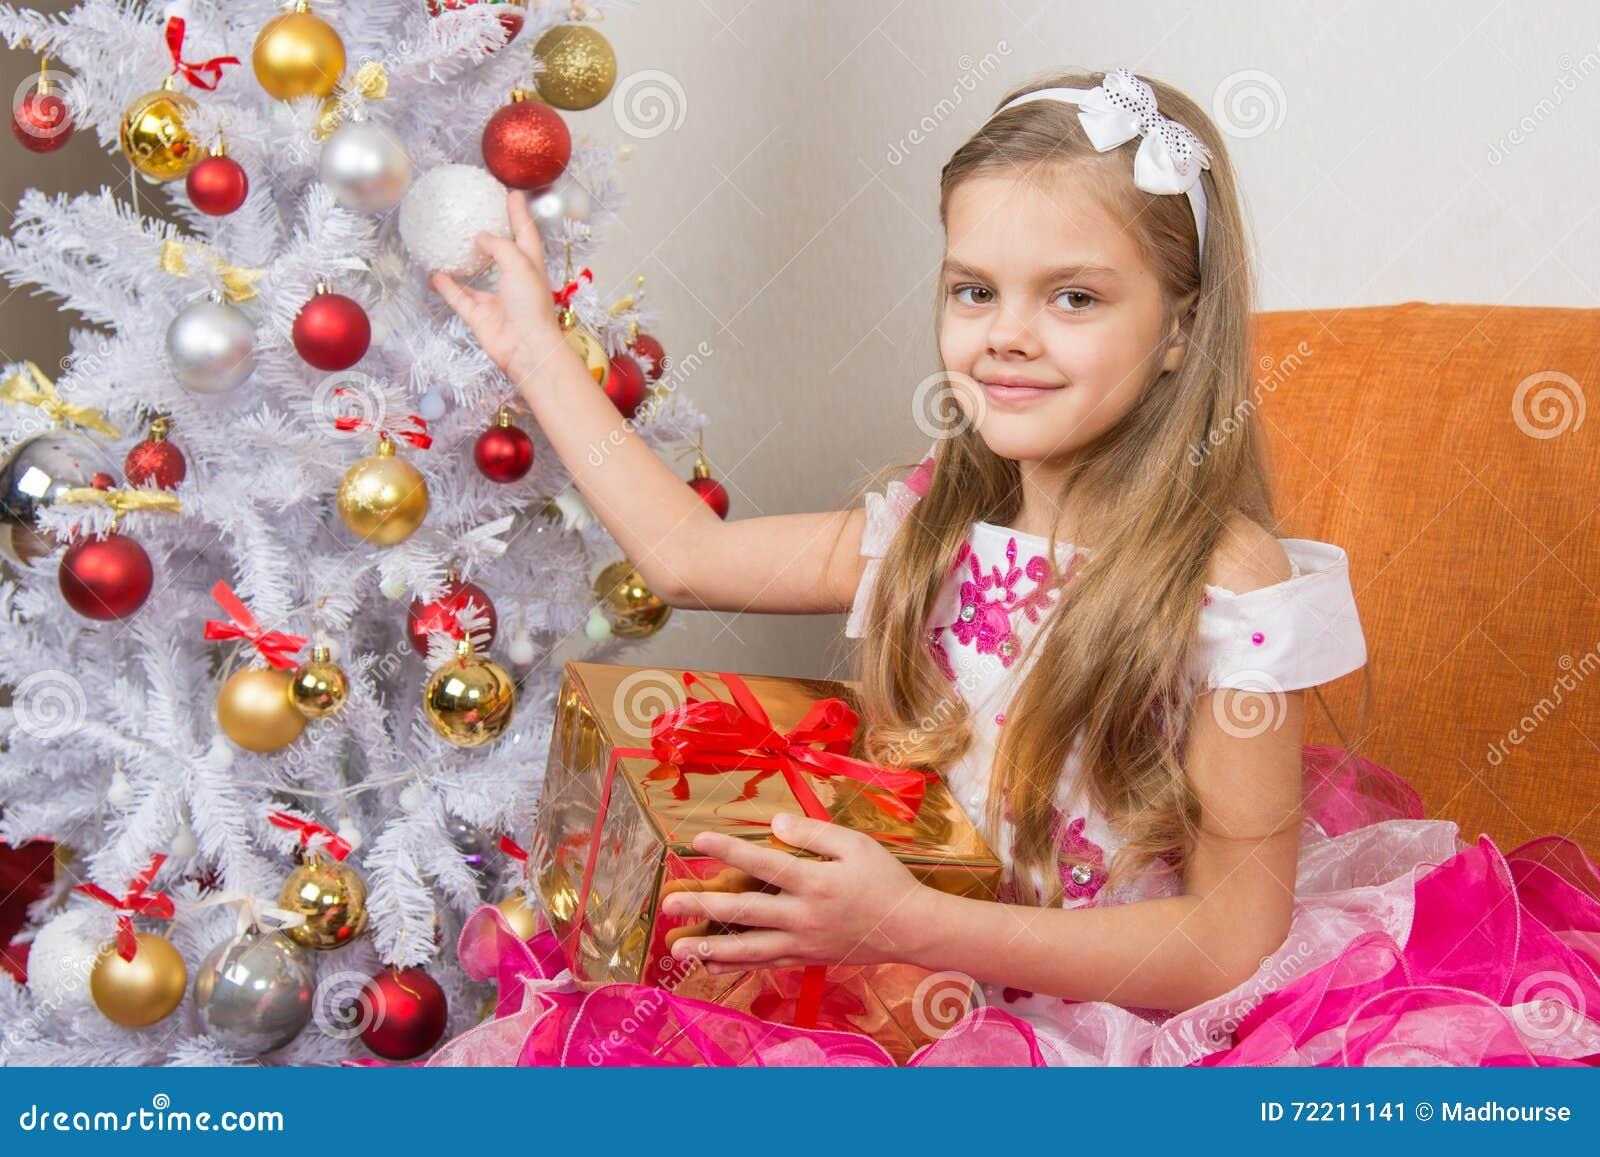 Sju-året flickan i härlig klänning sitter med en gåva, och det innehavet jul klumpa ihop sig i händer